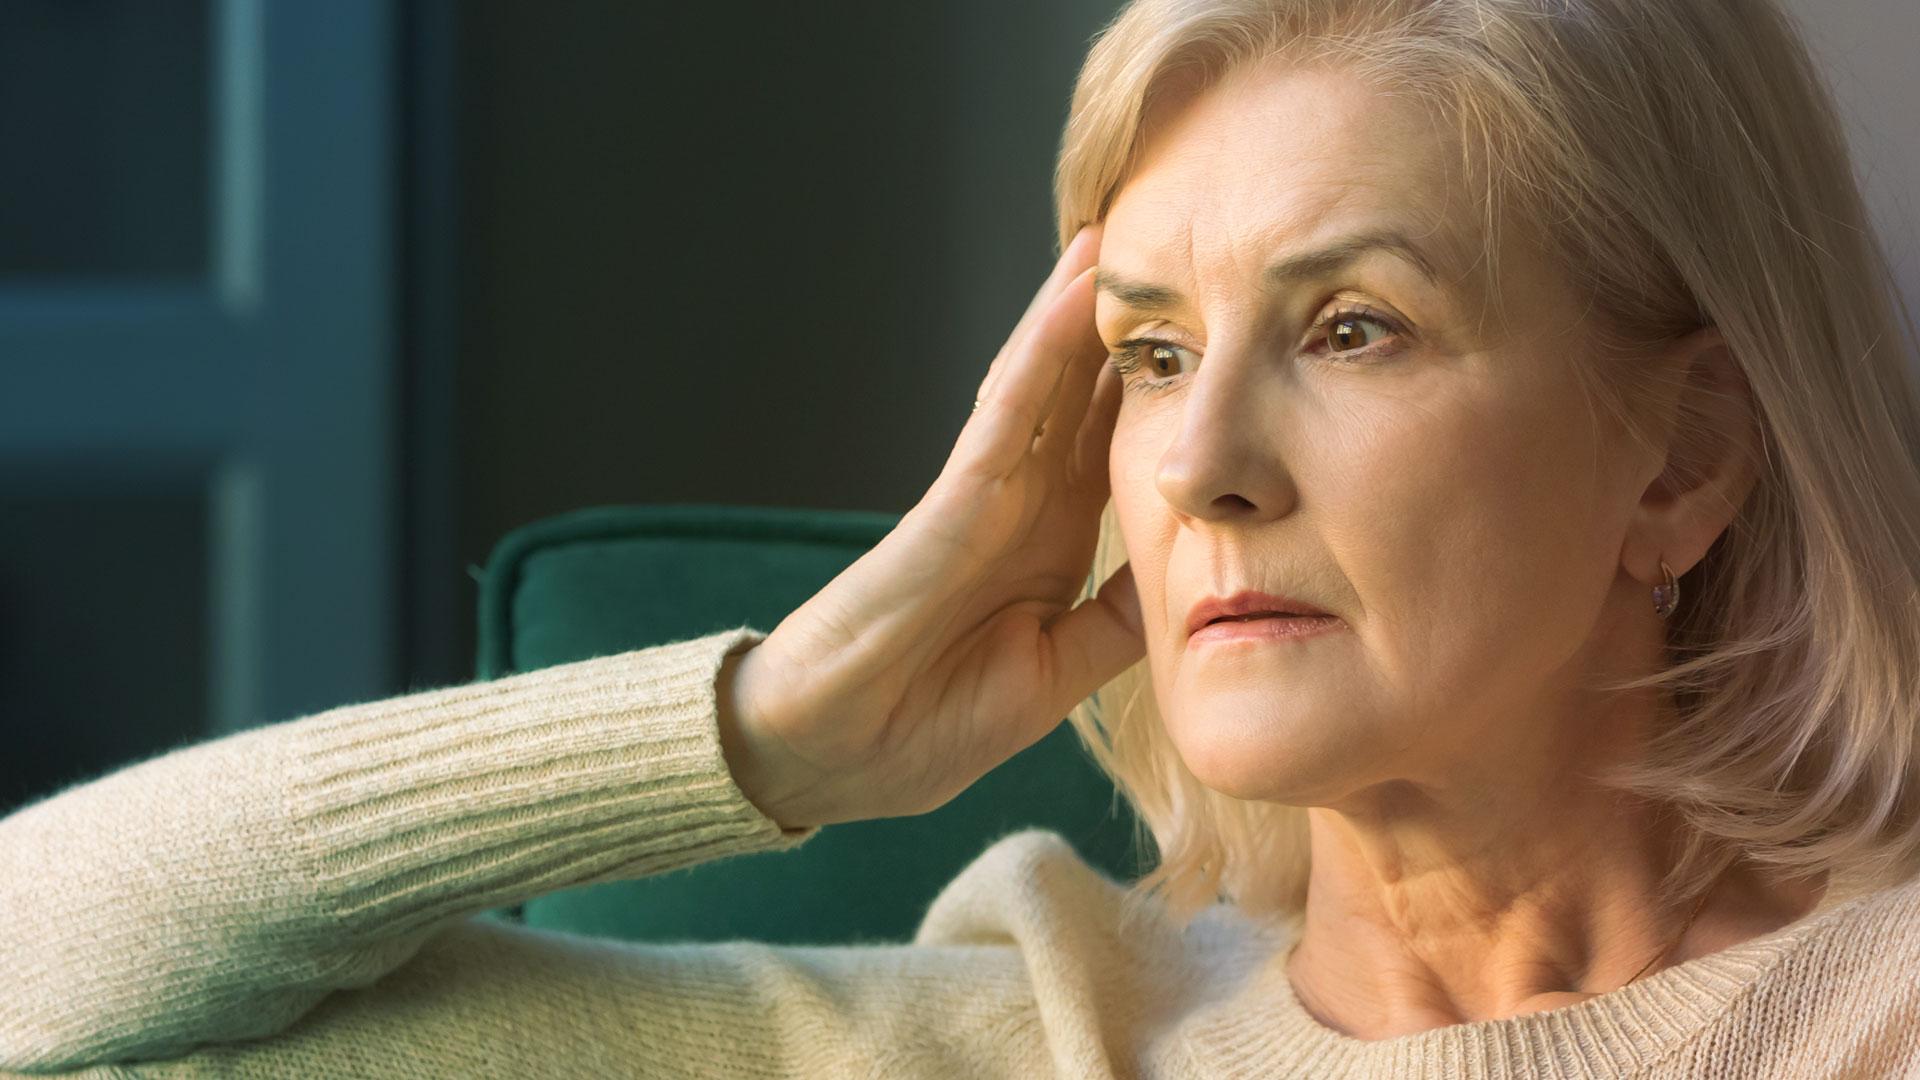 Por que o risco de câncer aumenta à medida que envelhecemos?